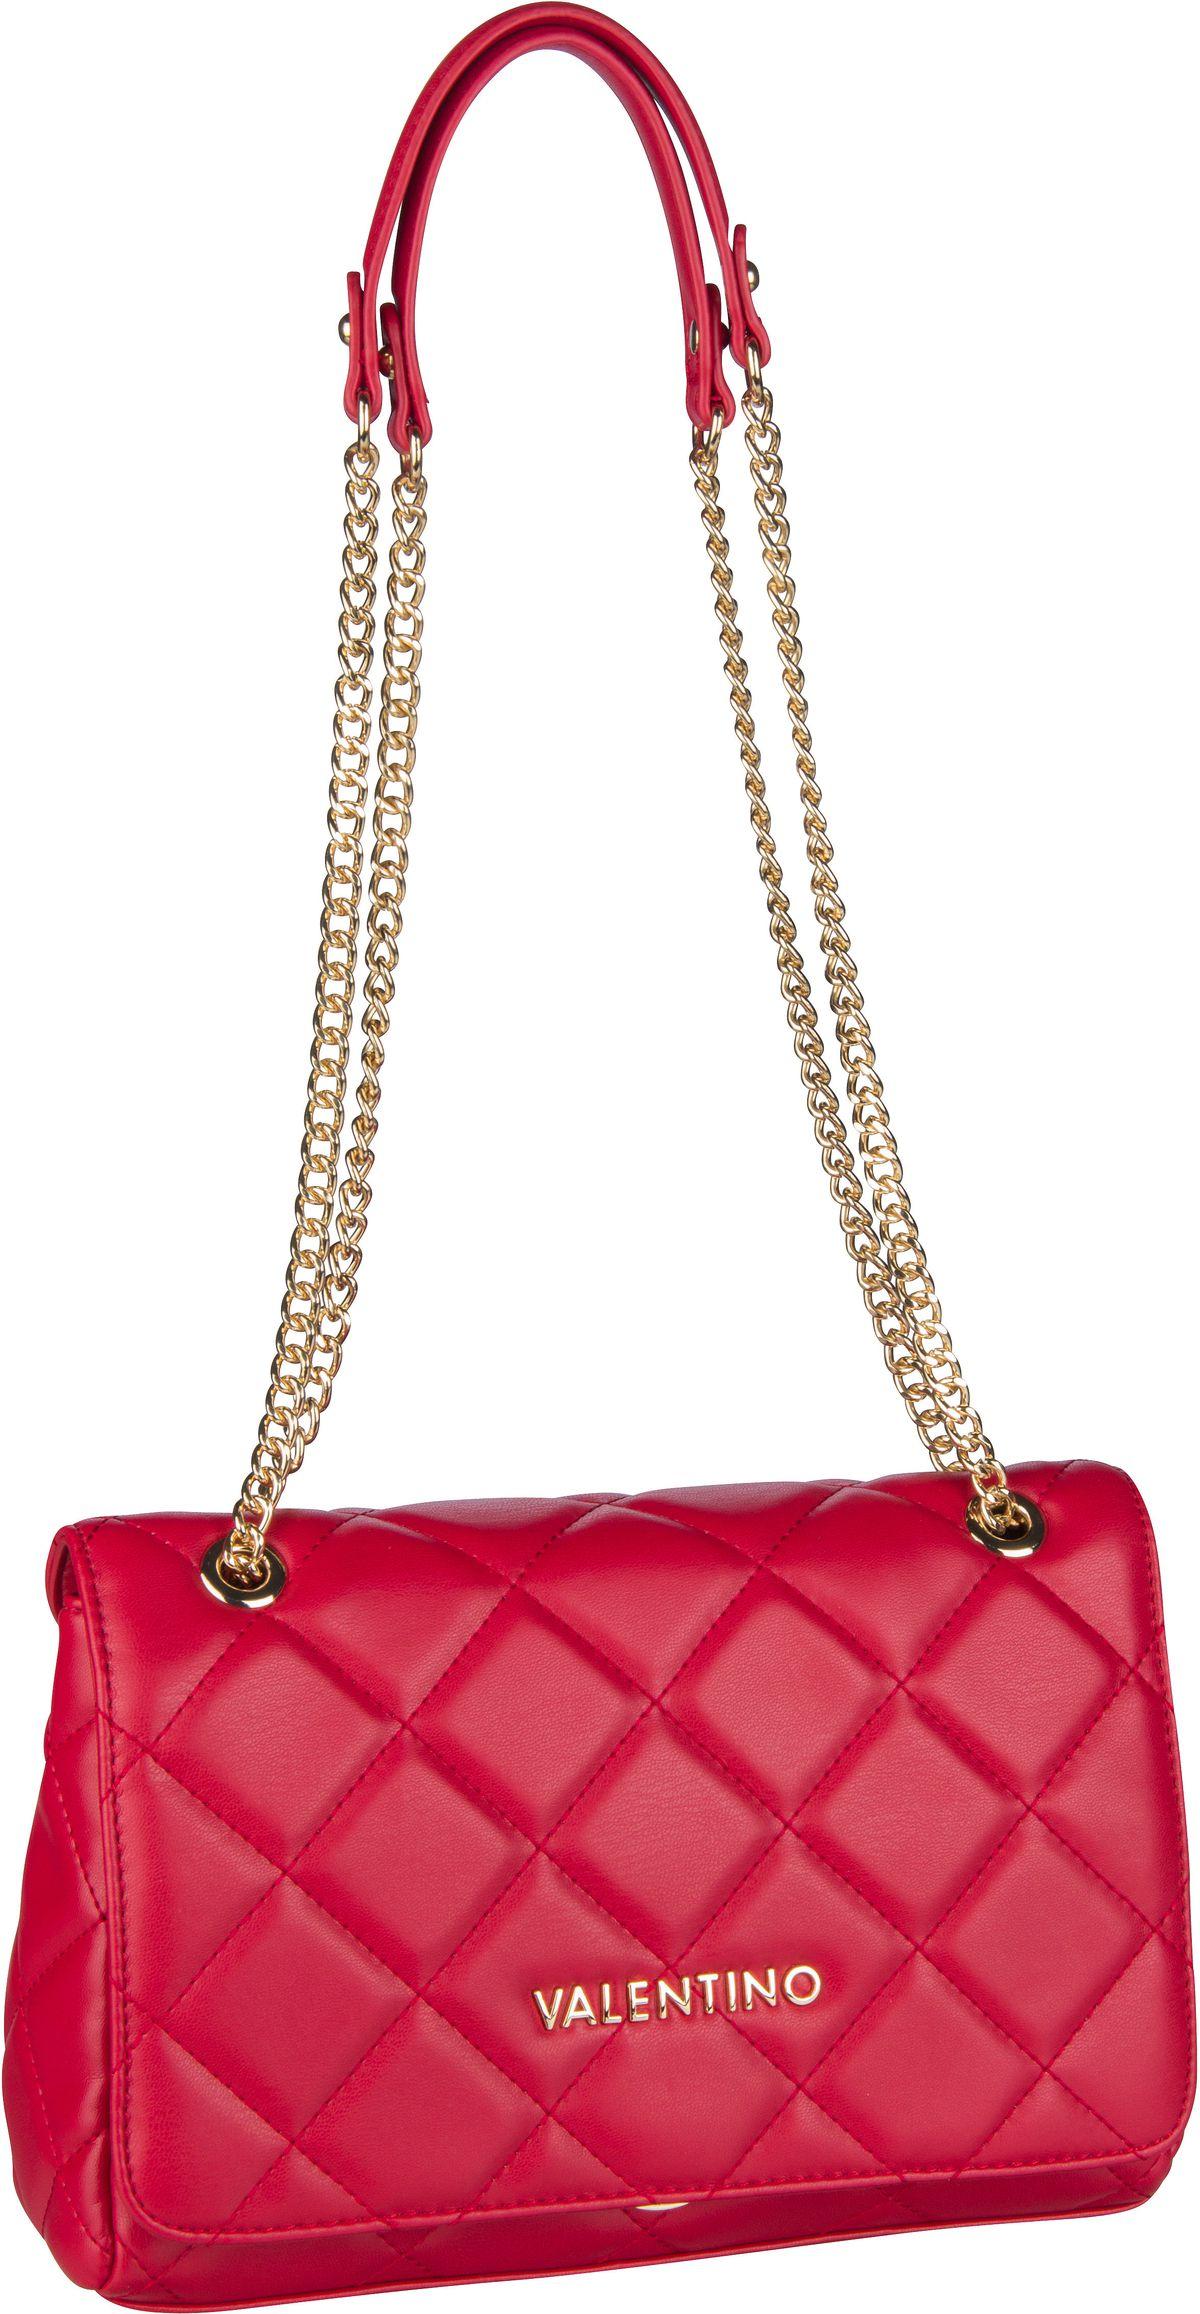 Bags Handtasche Ocarina Pattina K02 Rosso